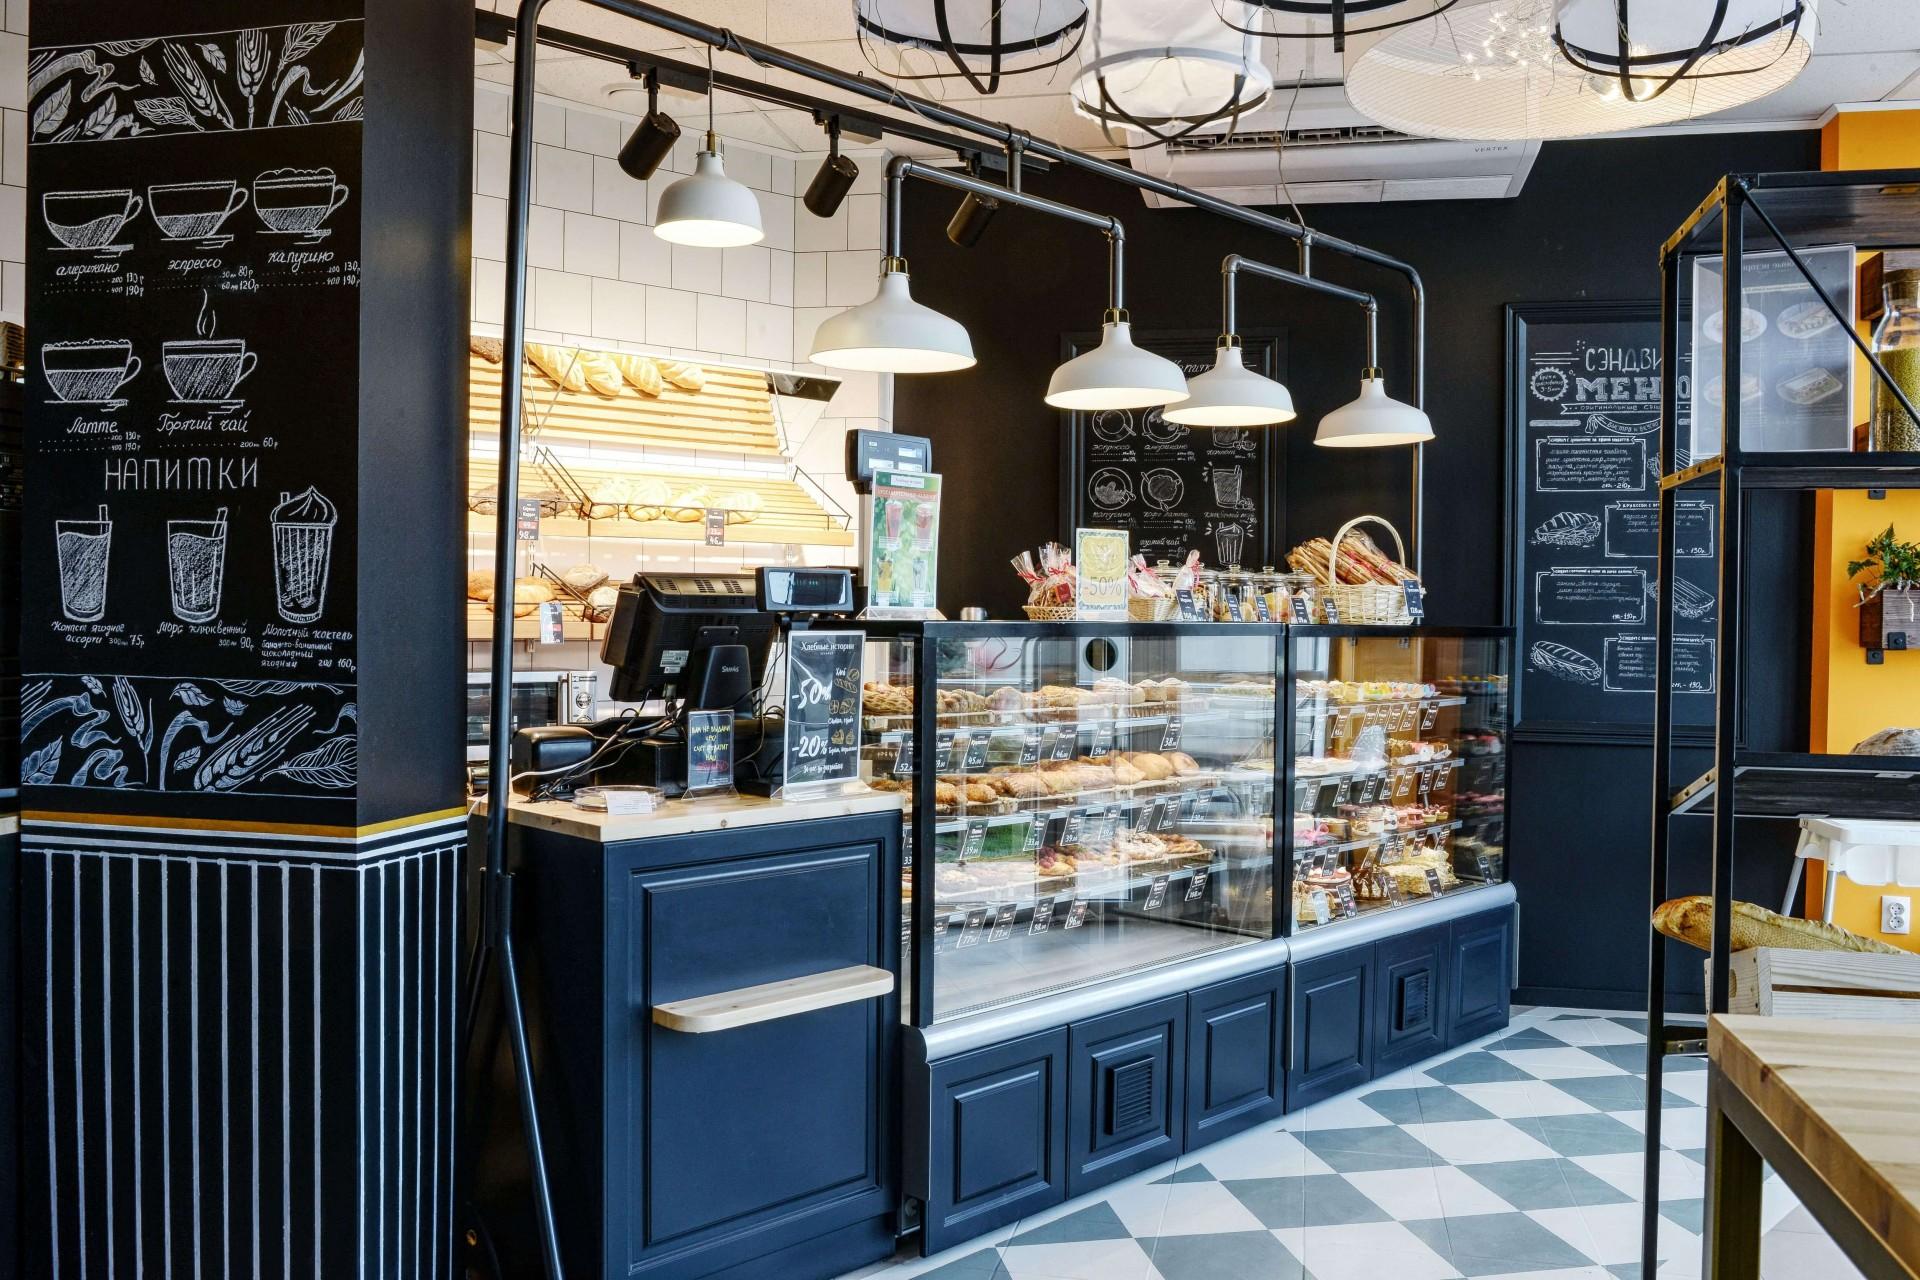 Дизайн-проект кафе-пекарня Хлебные истории от FRINO Studio